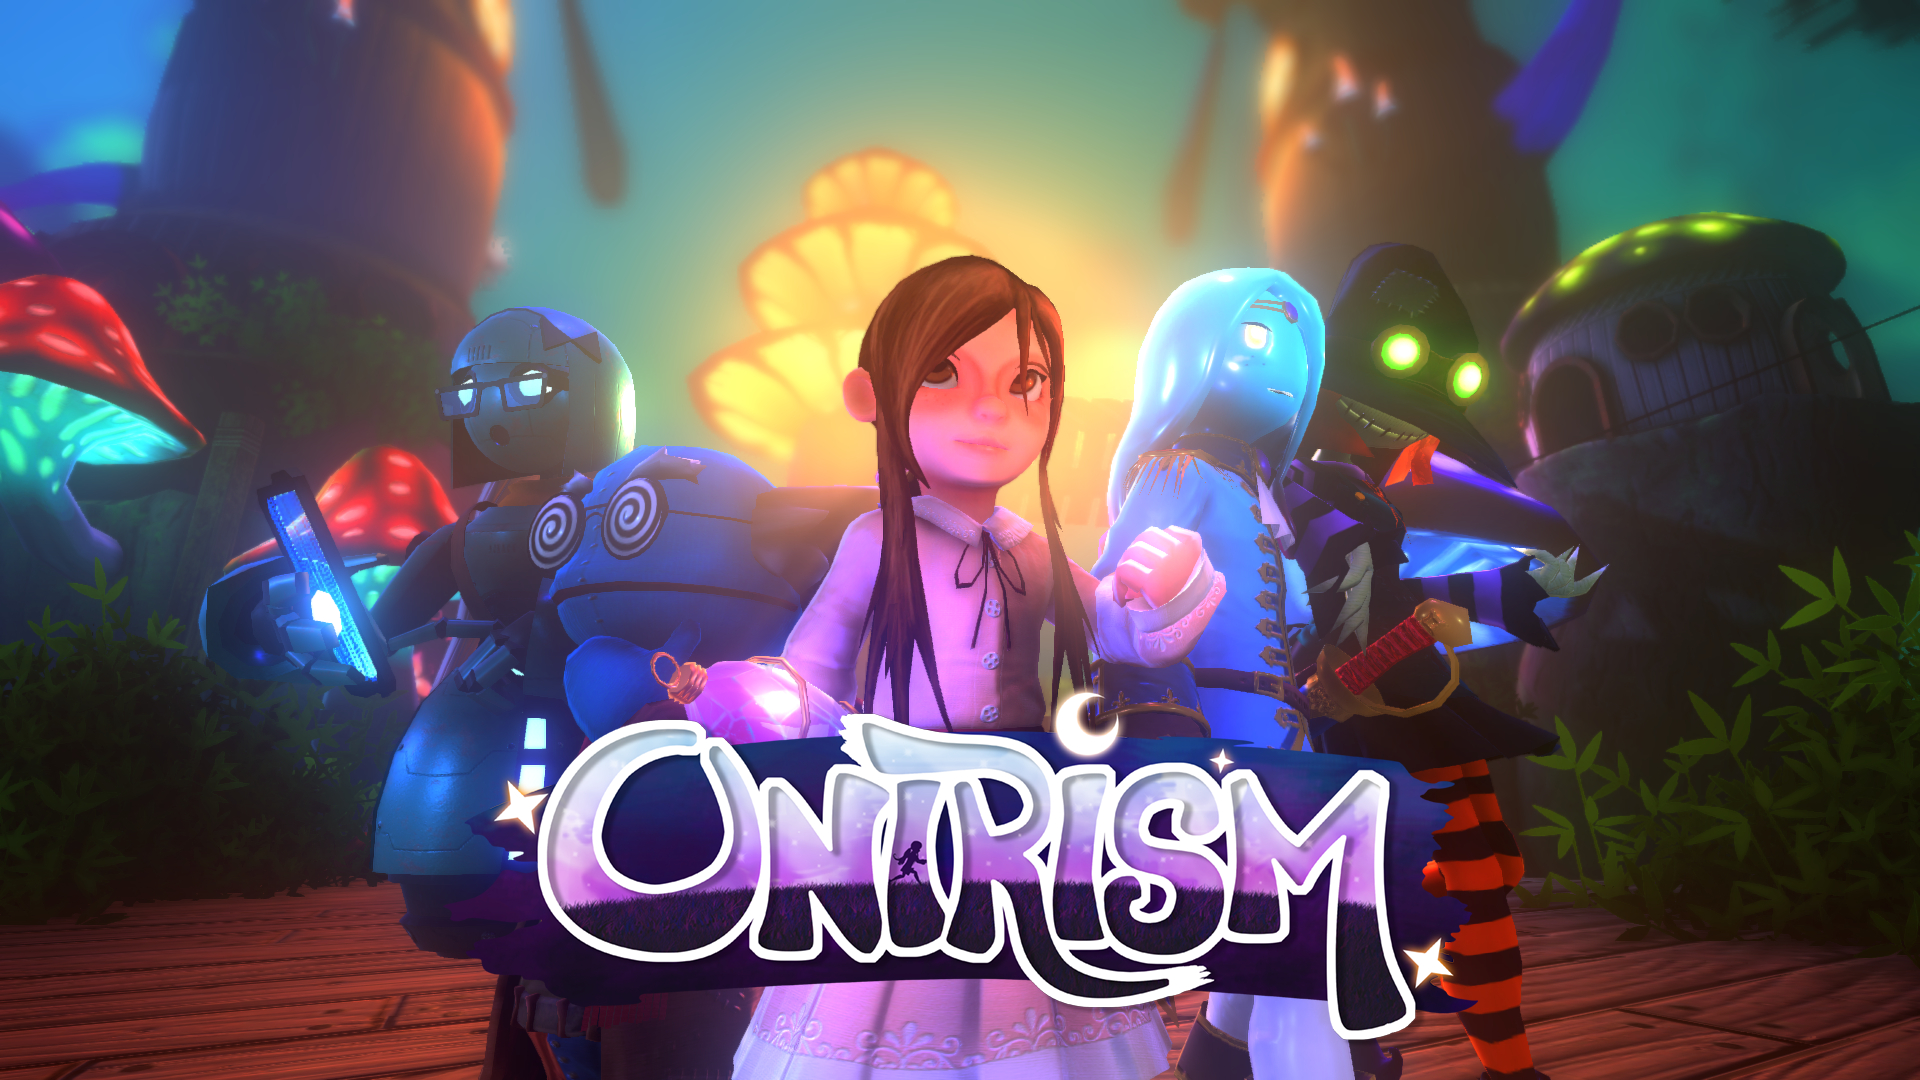 Onirism : Le Jeu D'aventure De Crimson Tales Disponible En concernant Jeux D Aventure Pour Les Filles